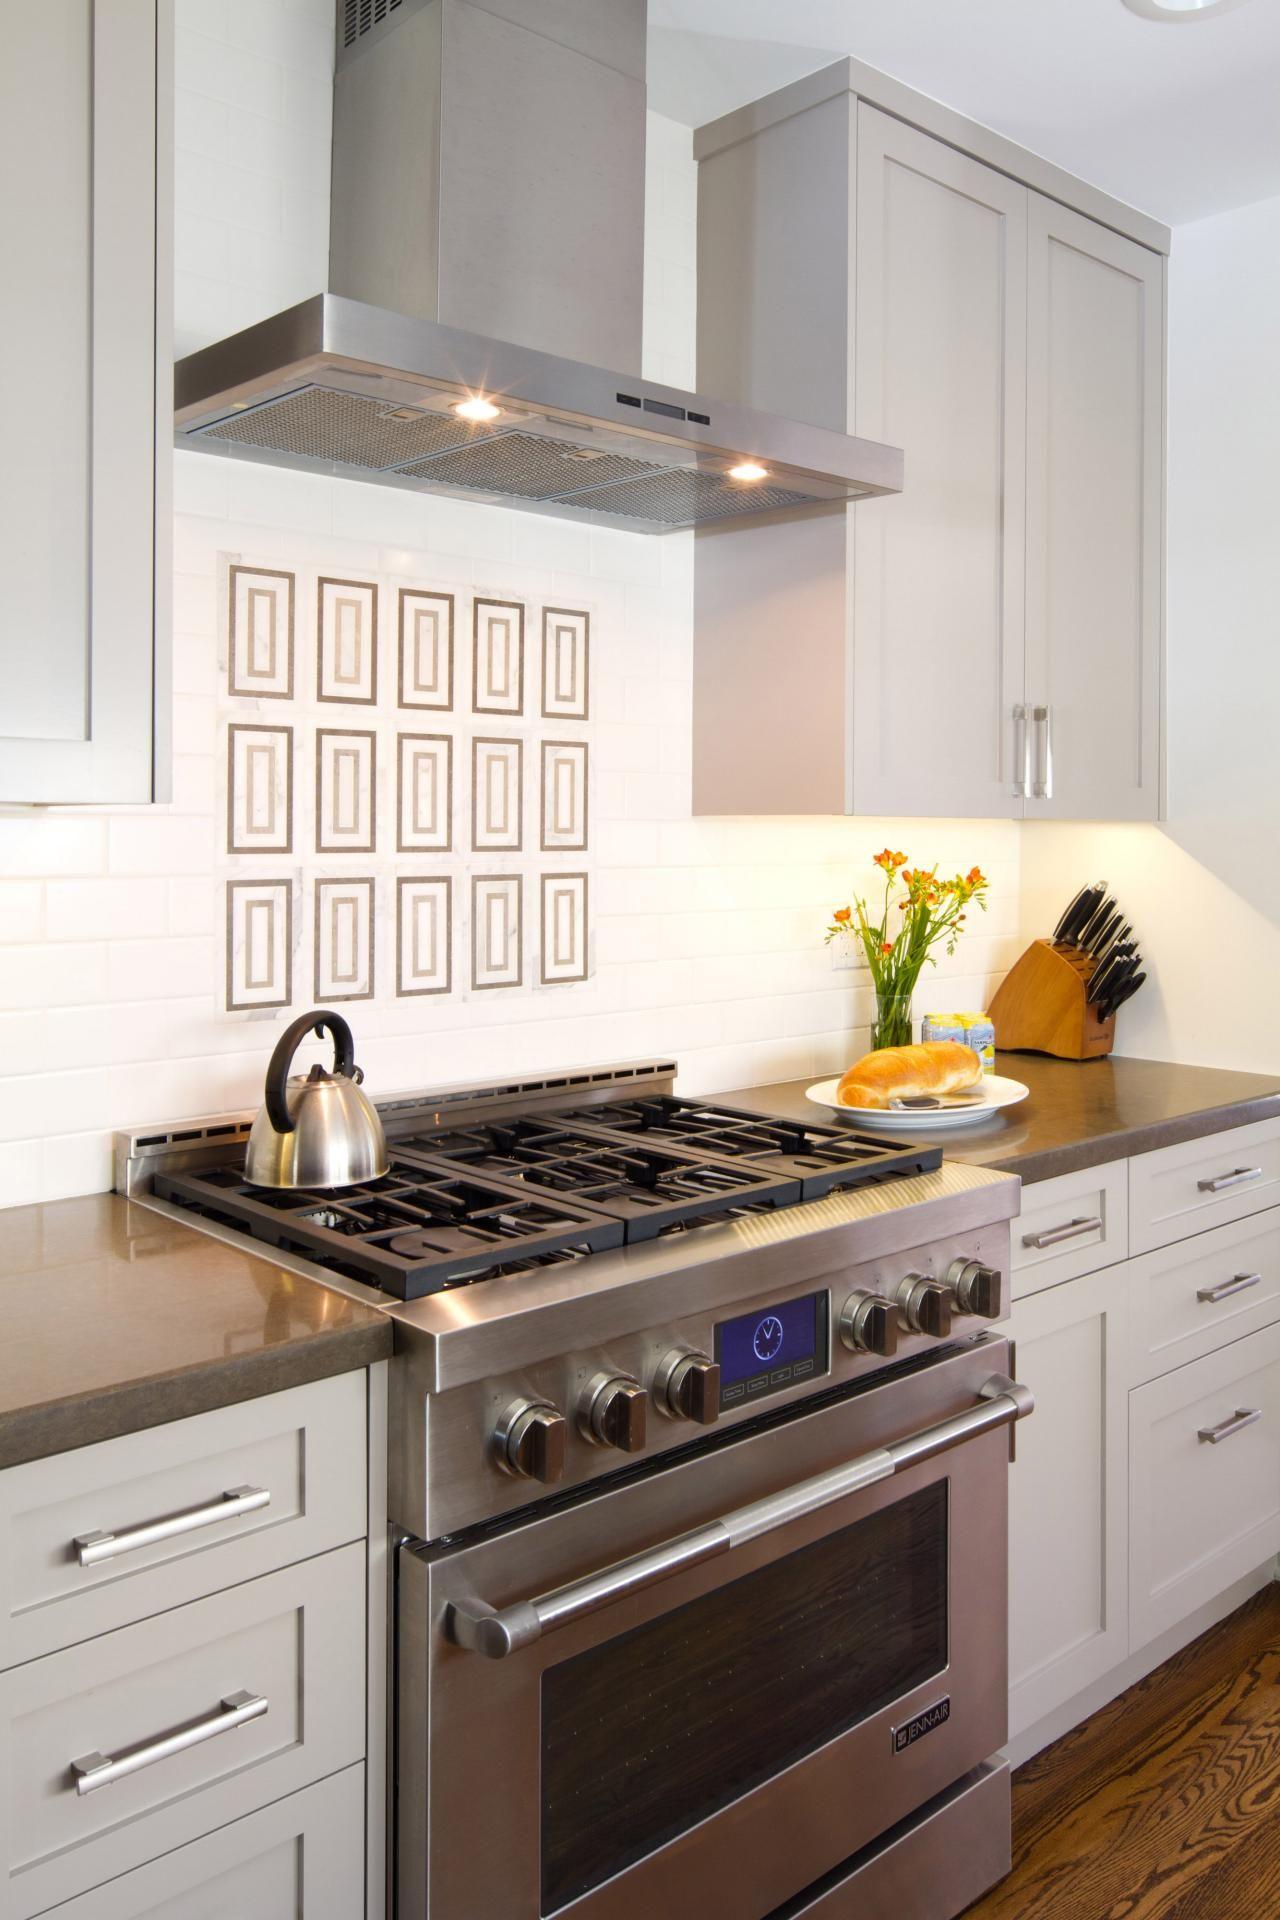 Sleek Range Hood In Transitional White Kitchen Kitchen Cabinet Styles Kitchen Renovation Design Building Kitchen Cabinets